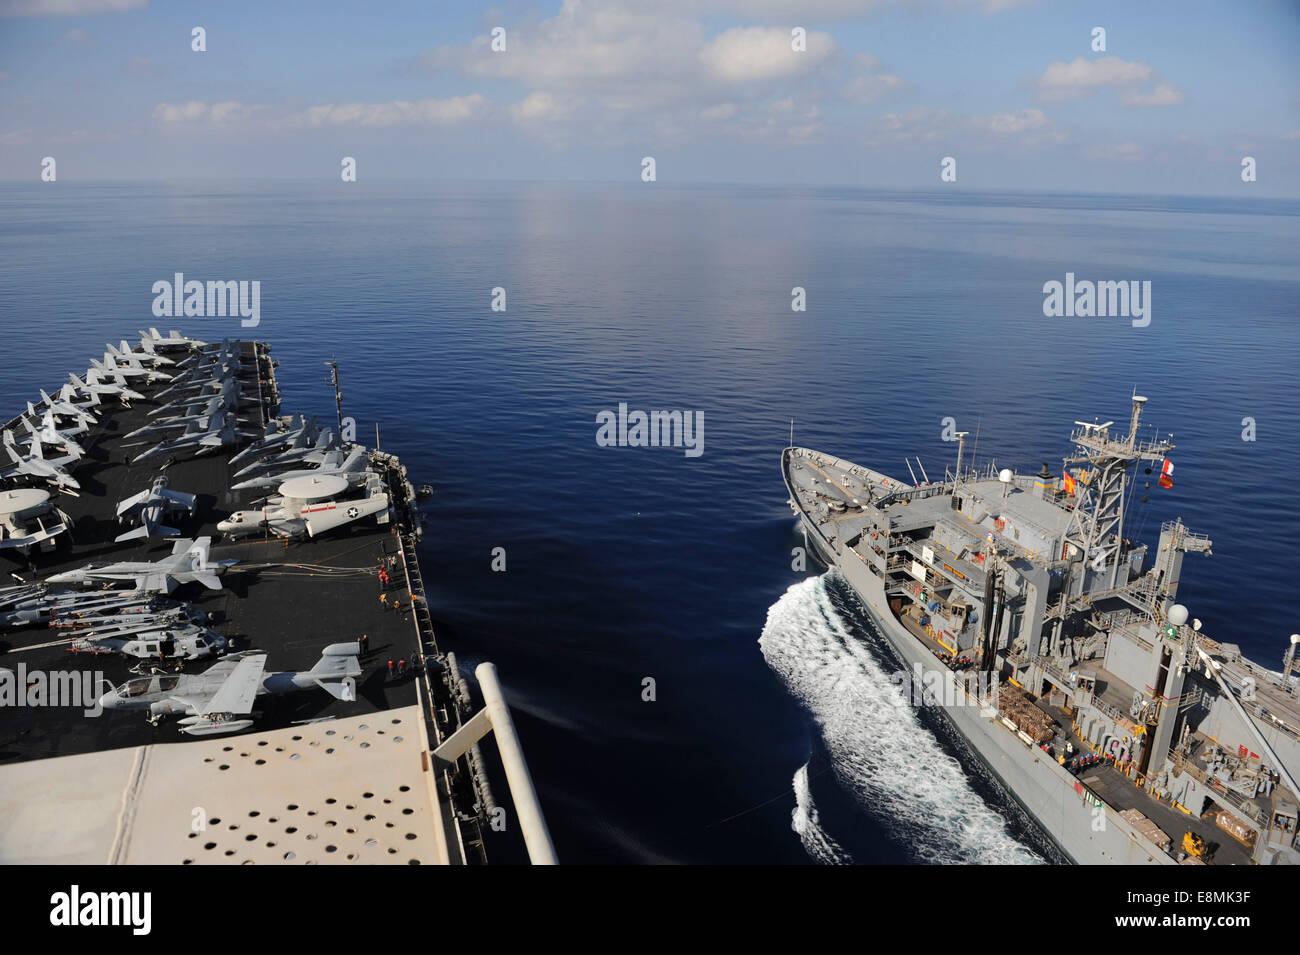 Mer Méditerranée, 29 octobre 2013 - Le transport maritime militaire rapide Commande de navire de combat Photo Stock